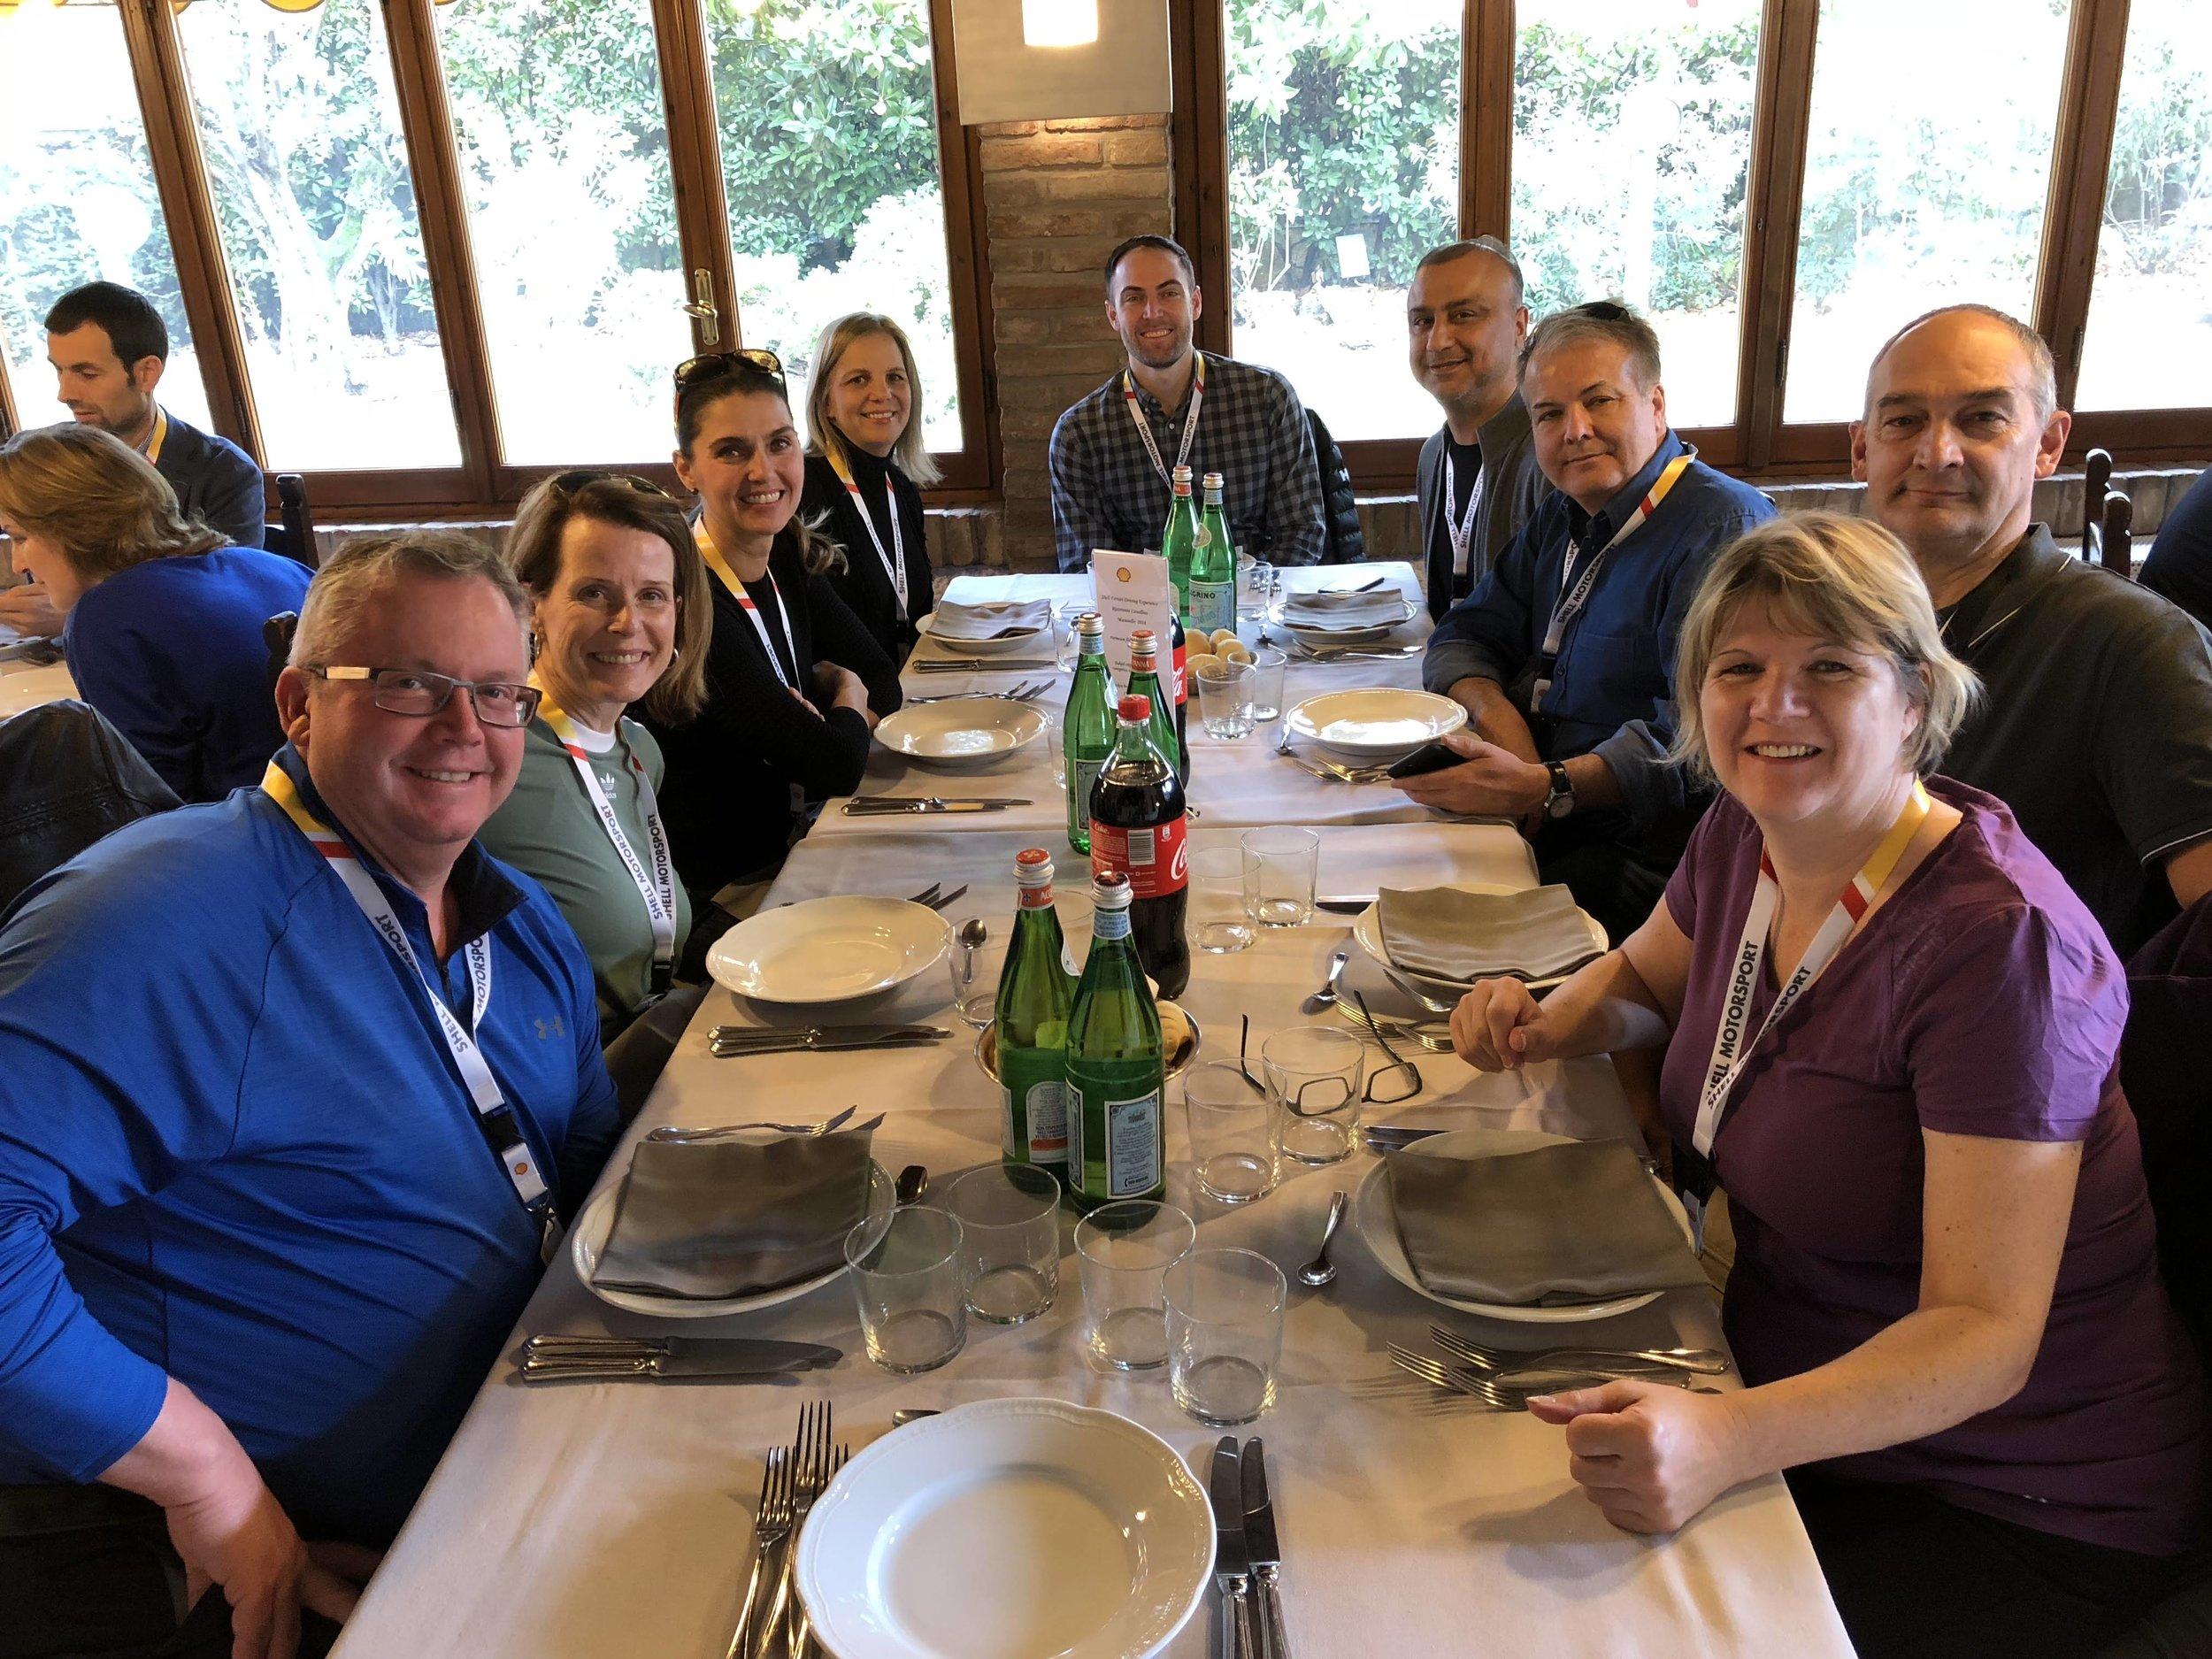 Lunch at Ristorante Cavallino, Ferrari's own restaurant in Maranello.